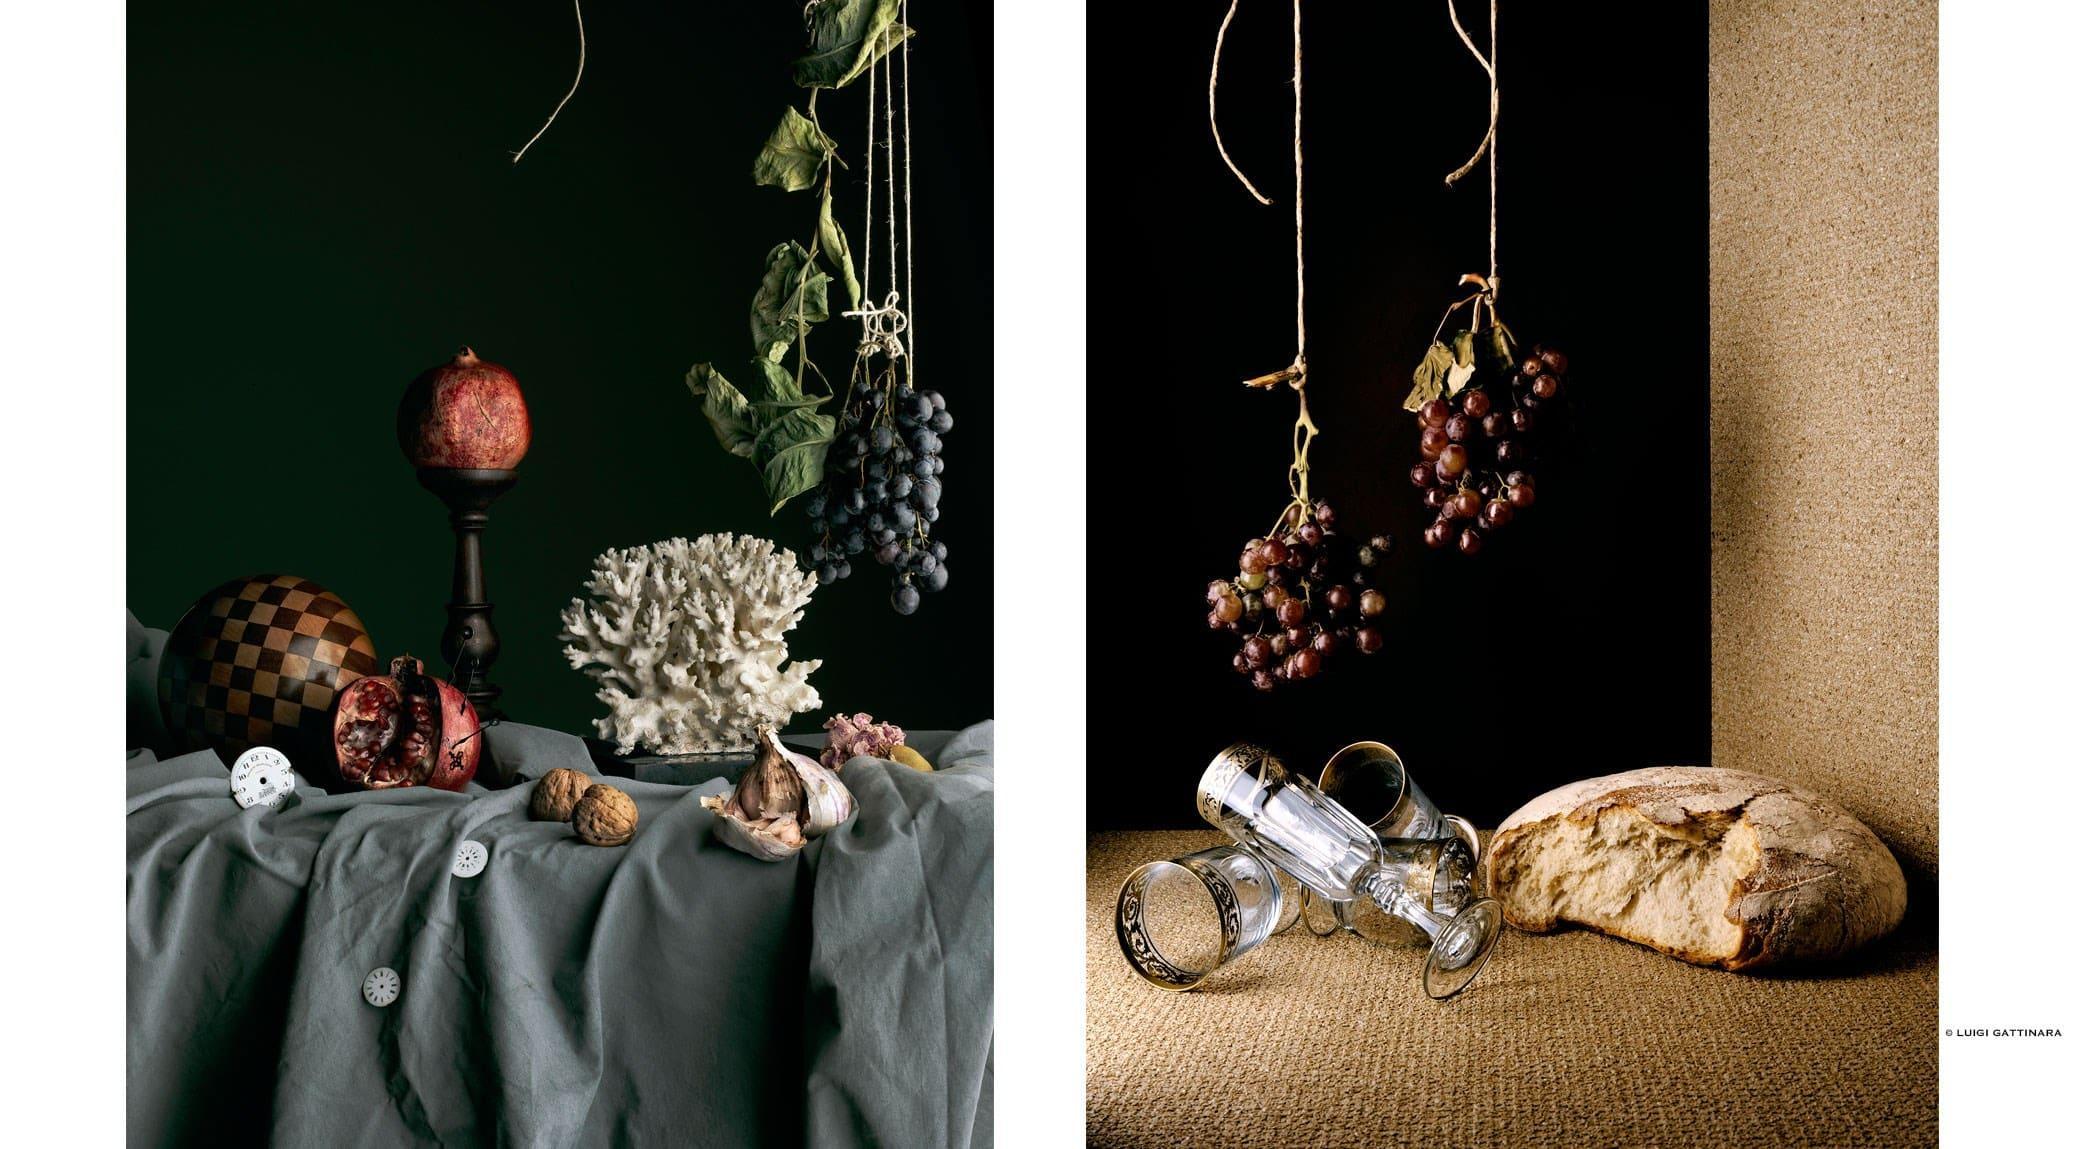 L'attesa | Pane e uva